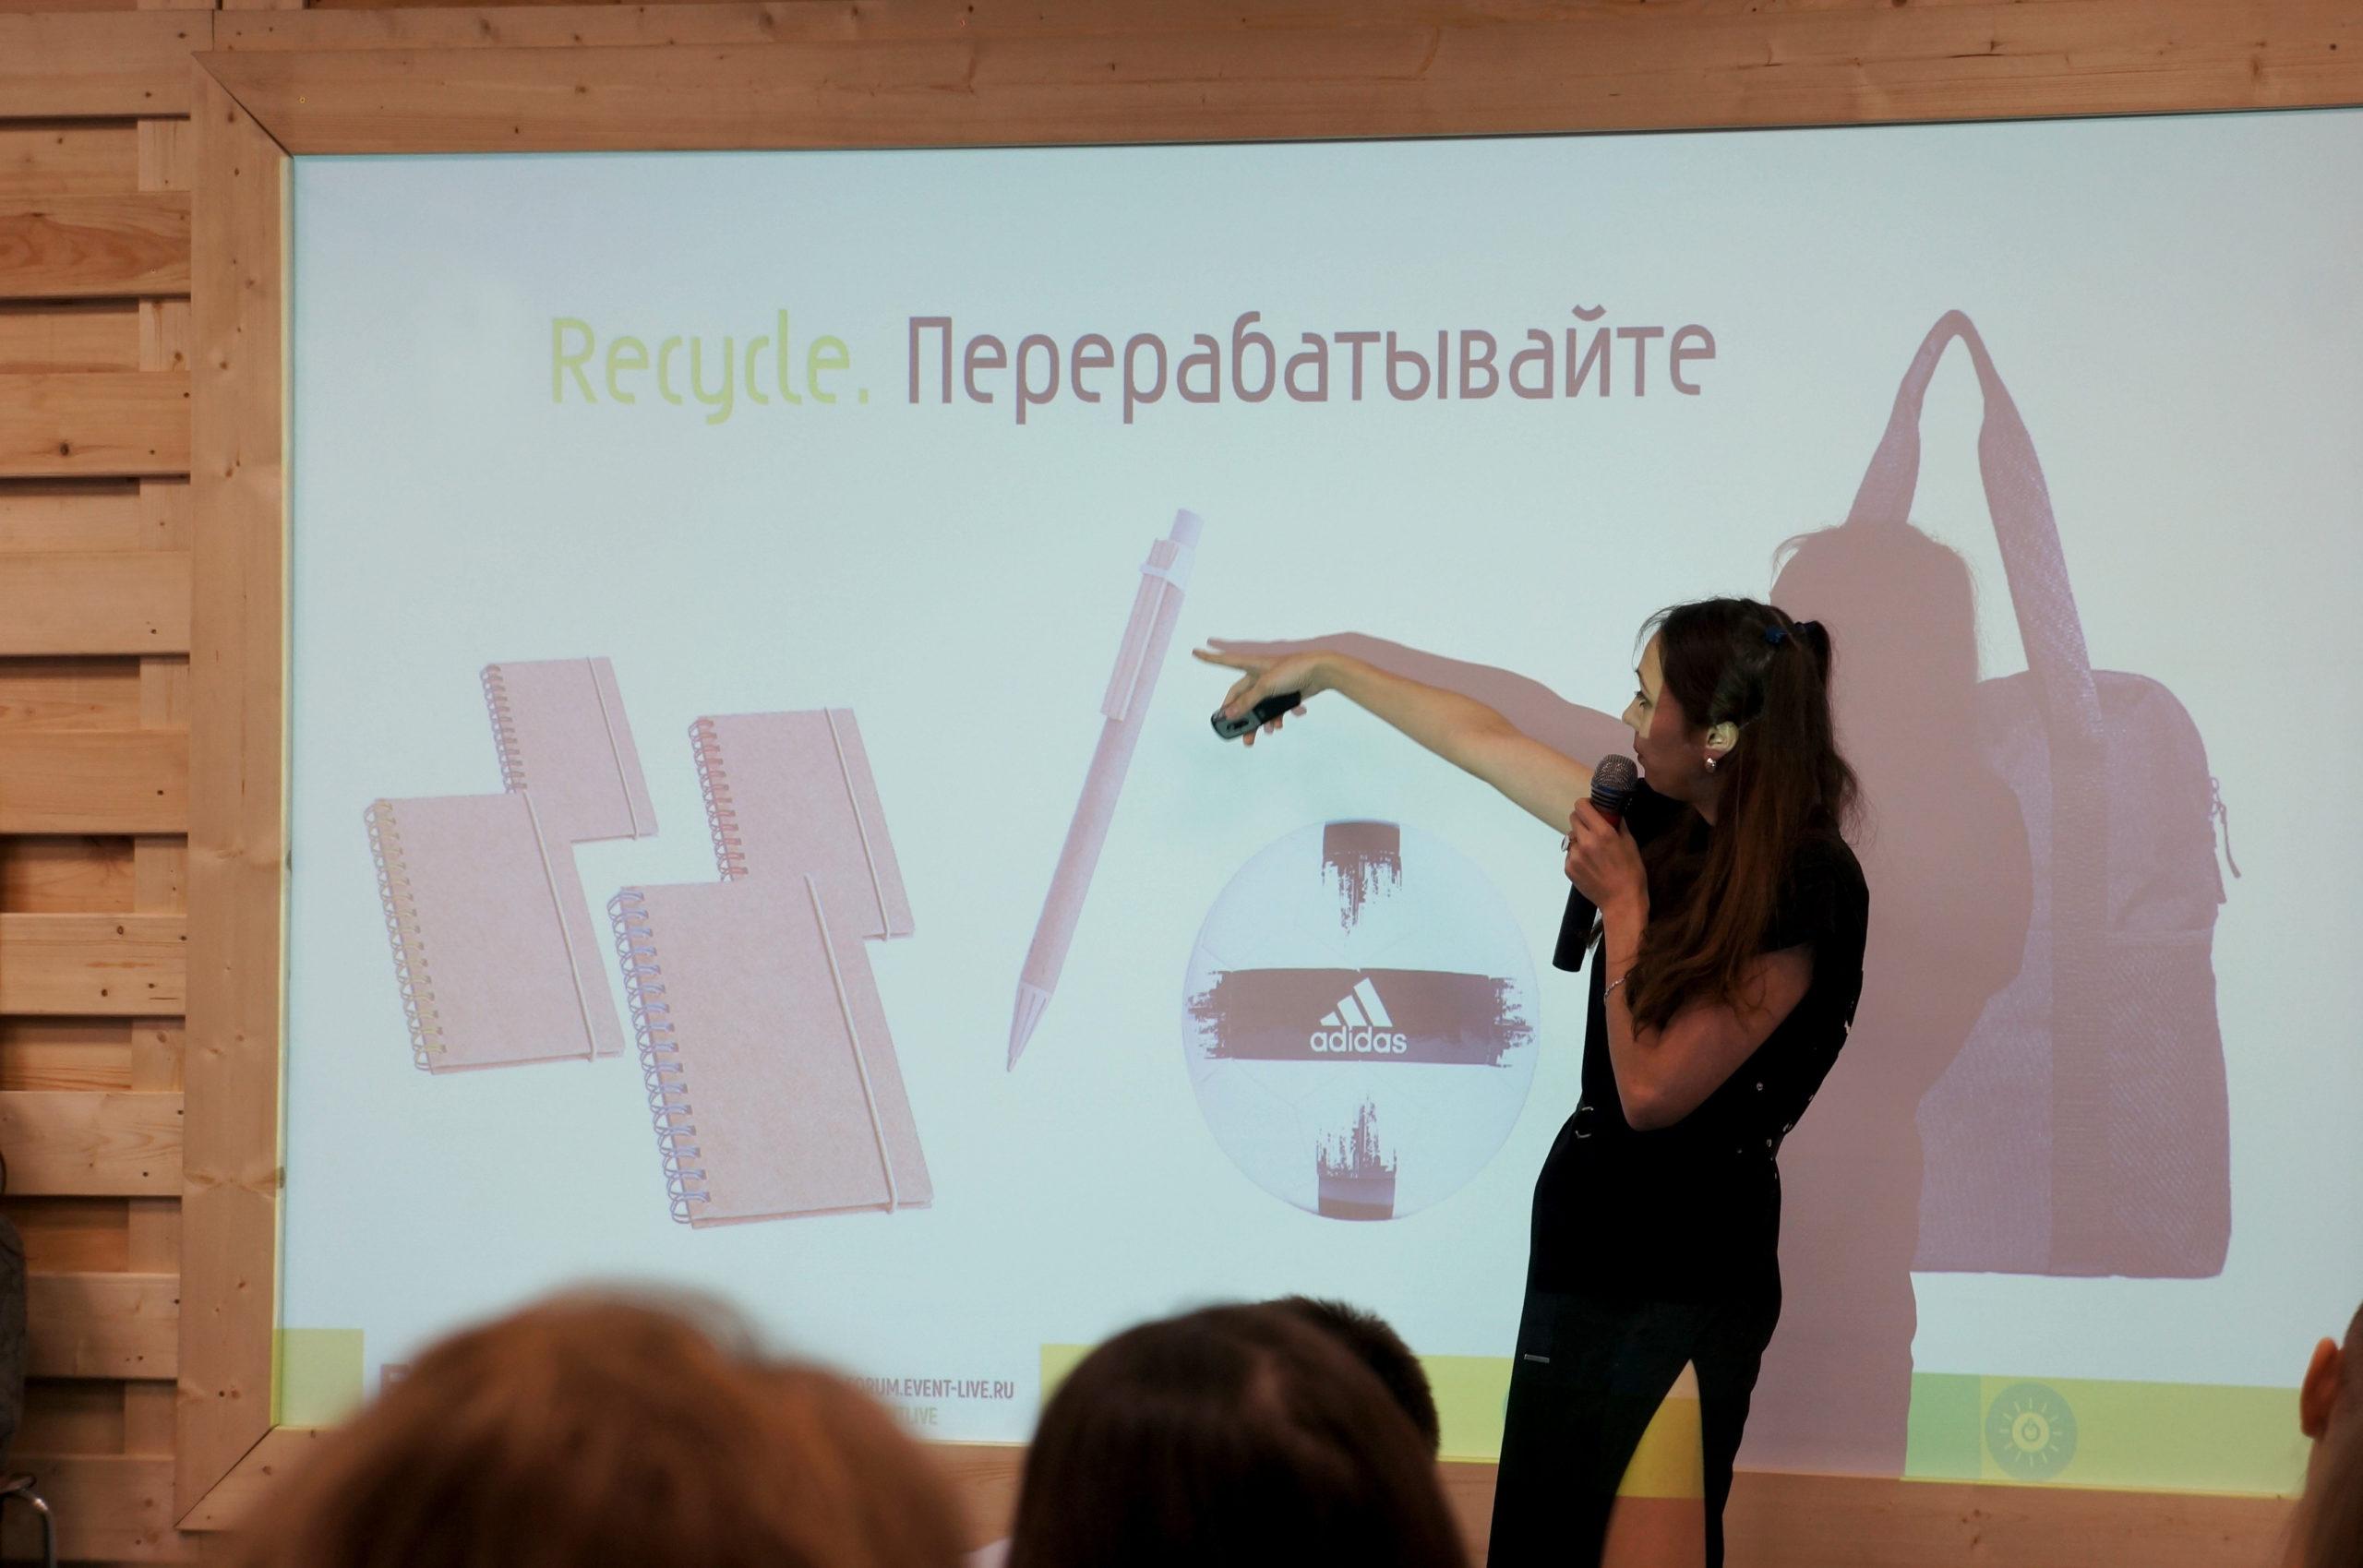 Алия Кешишьян: «Востребованность экологичного мерча в России сейчас выросла на порядок»